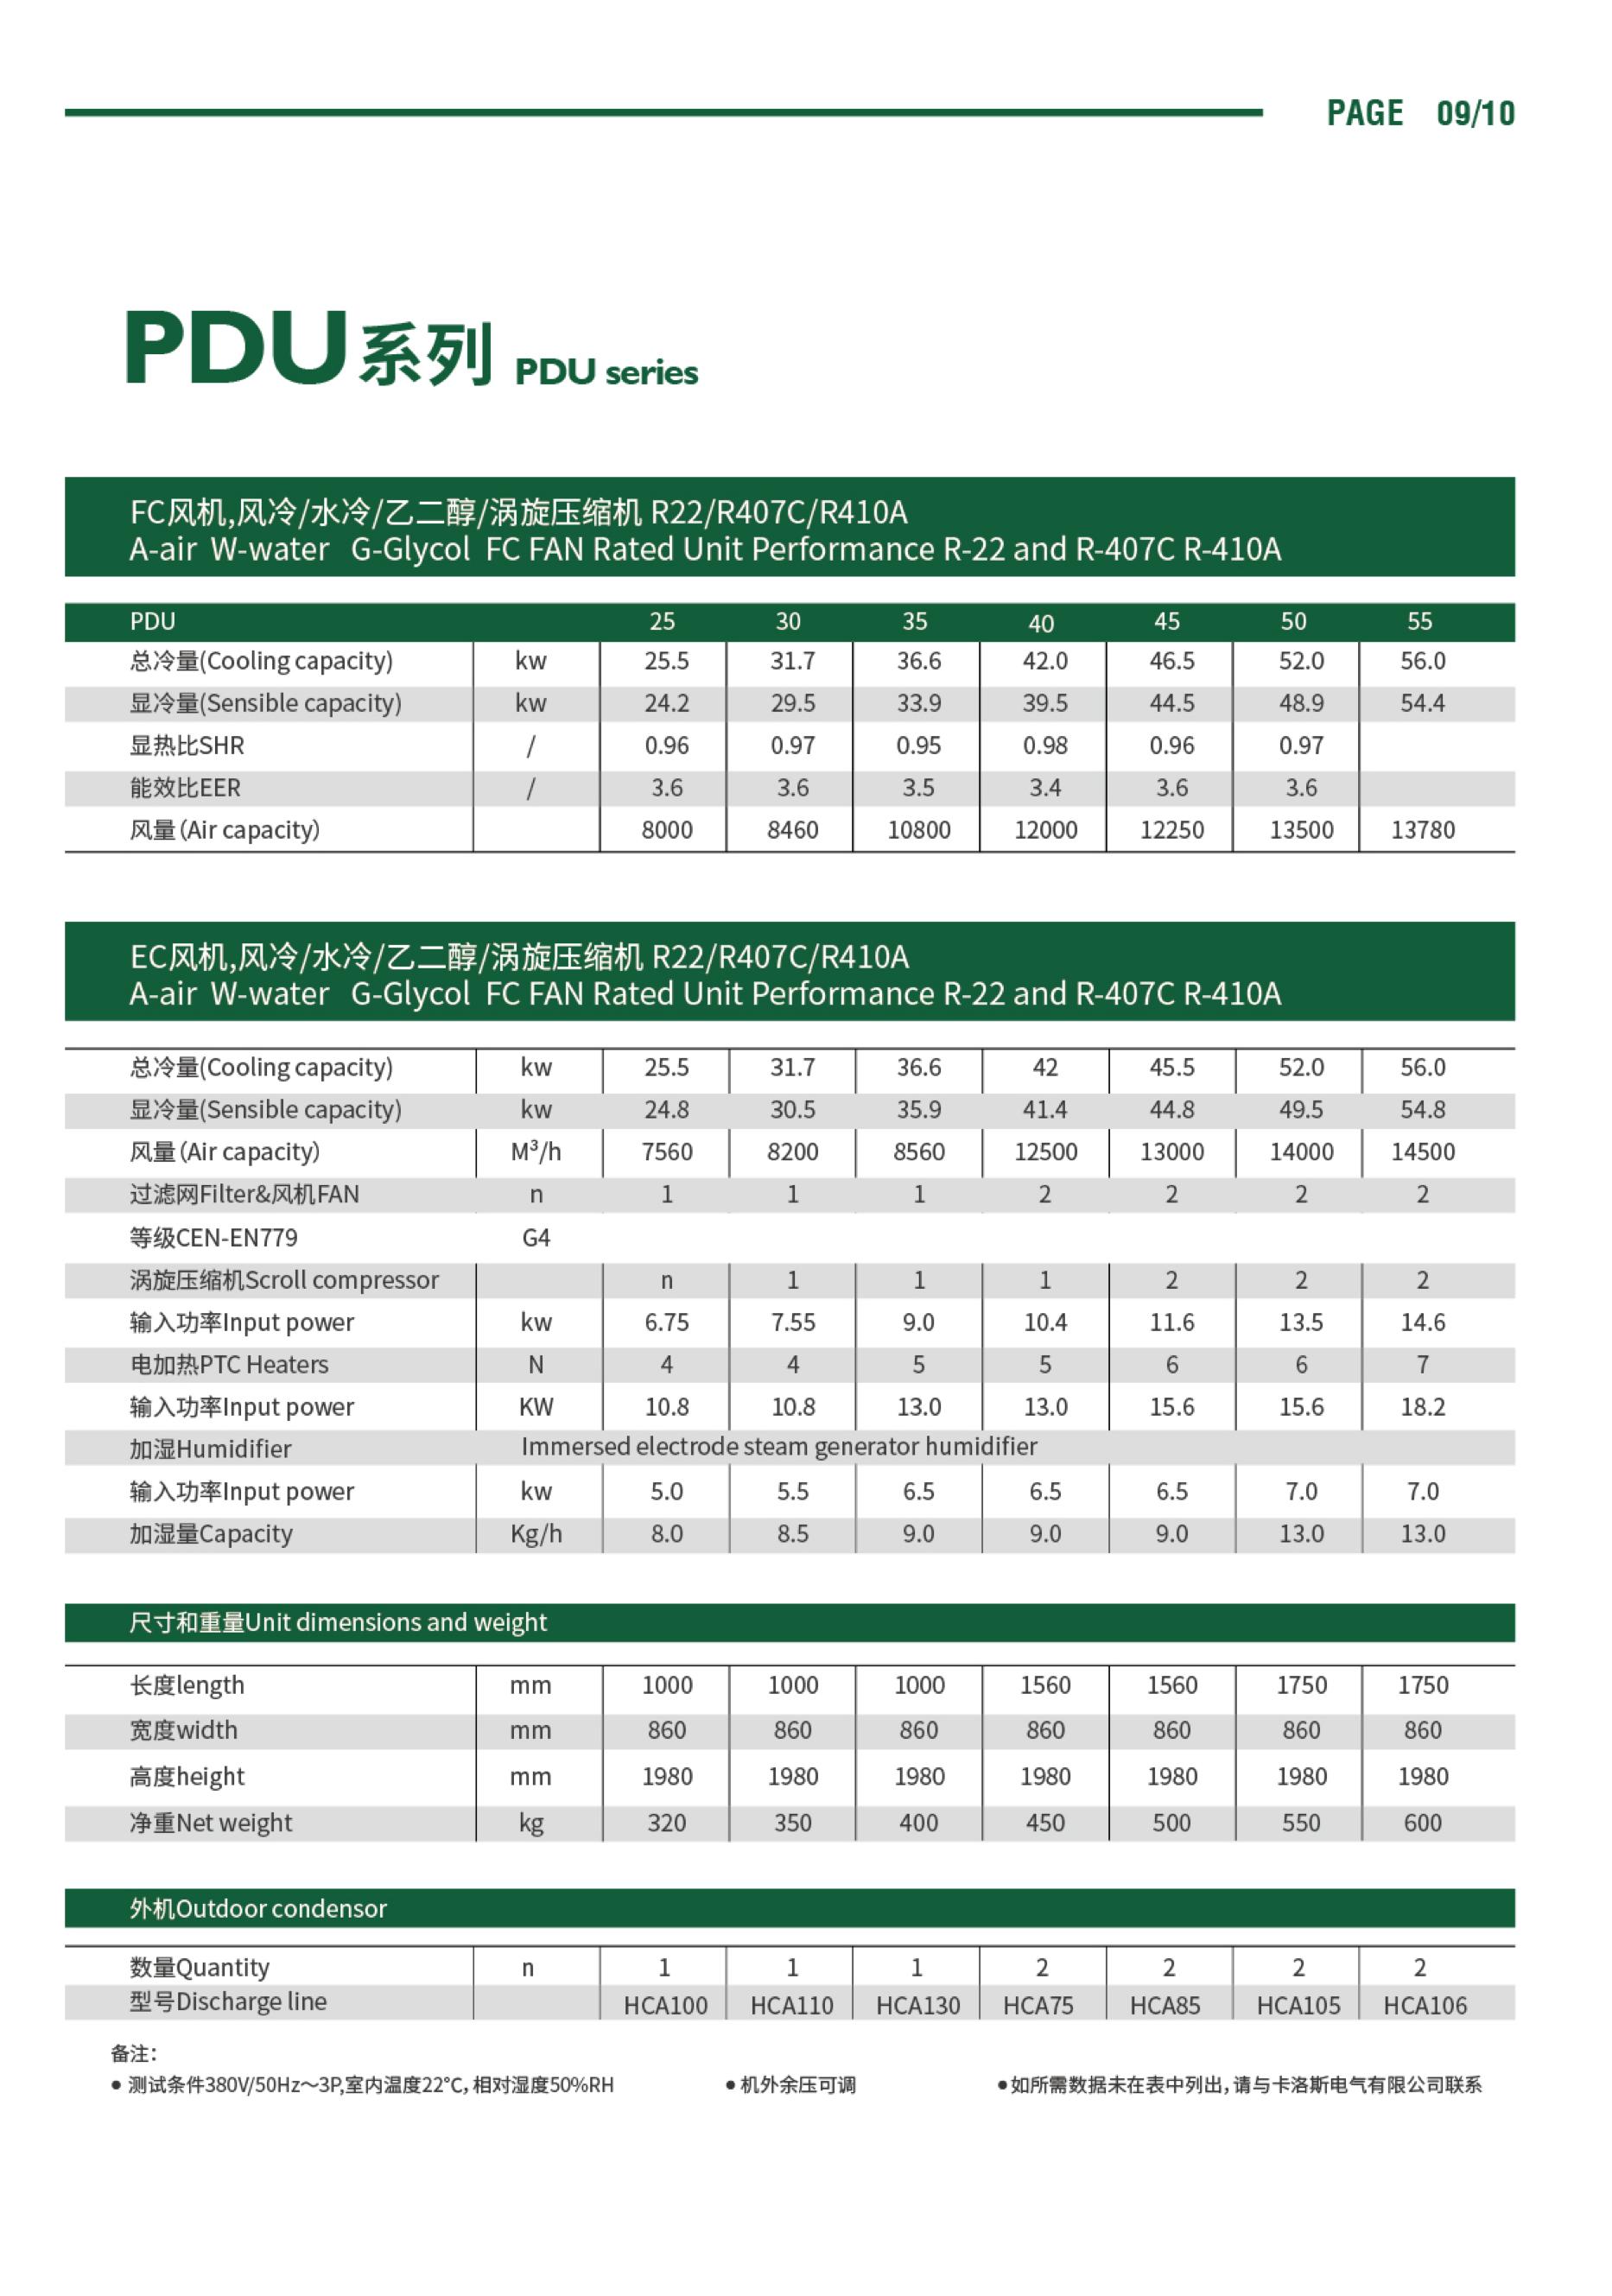 空調PDU222